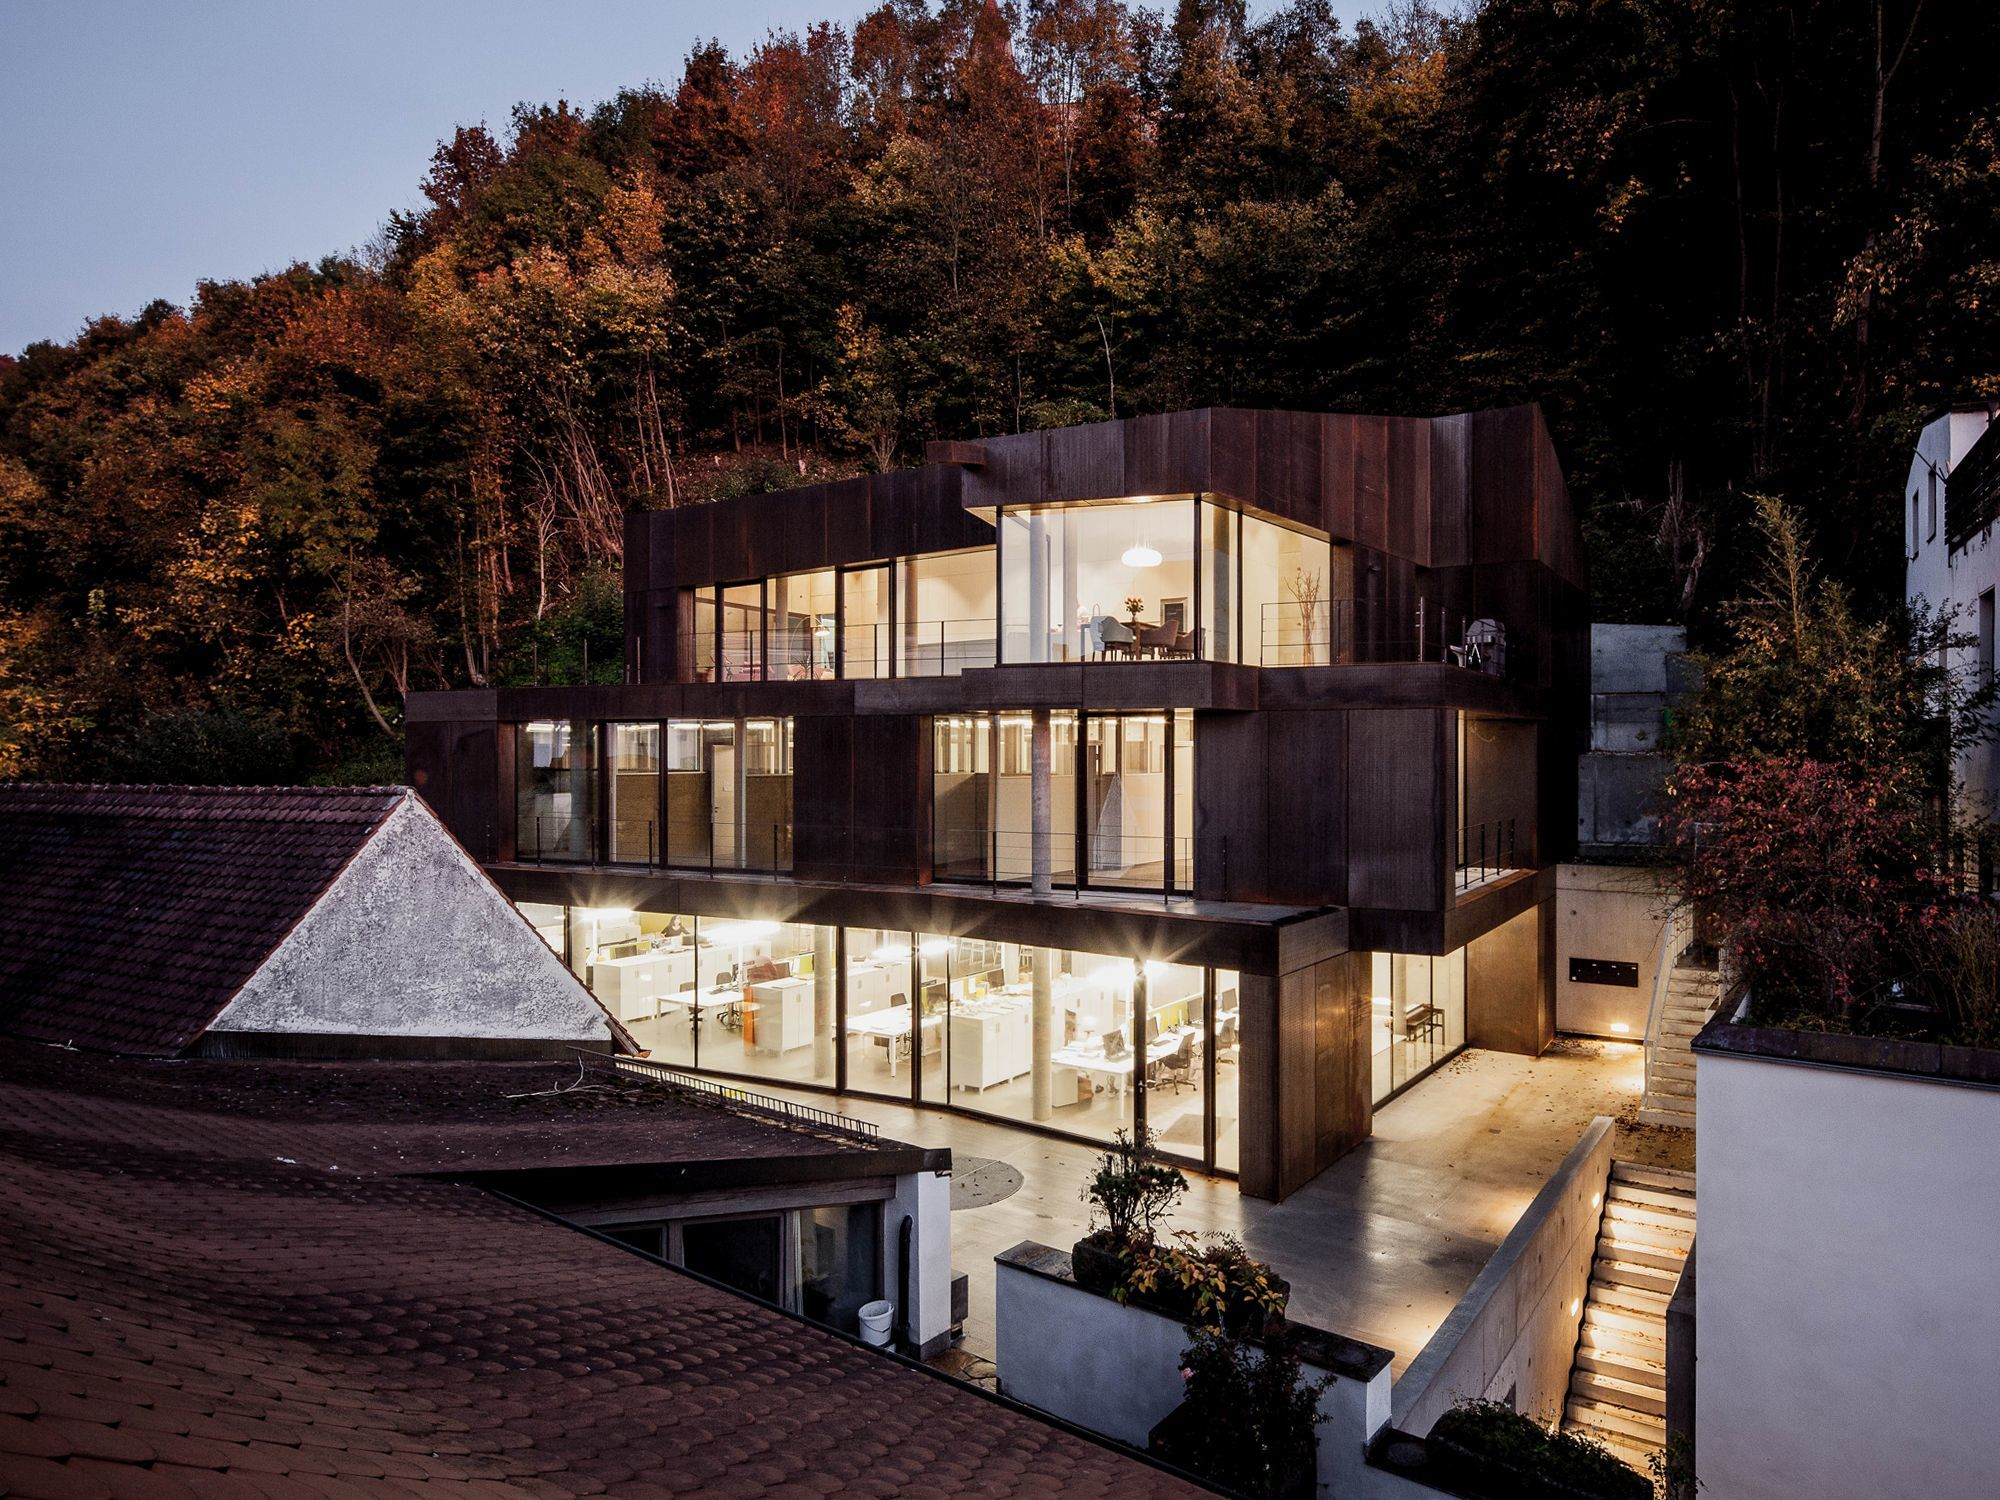 Architekten Landshut wohn und geschäftshaus in landshut aln architekturbüro